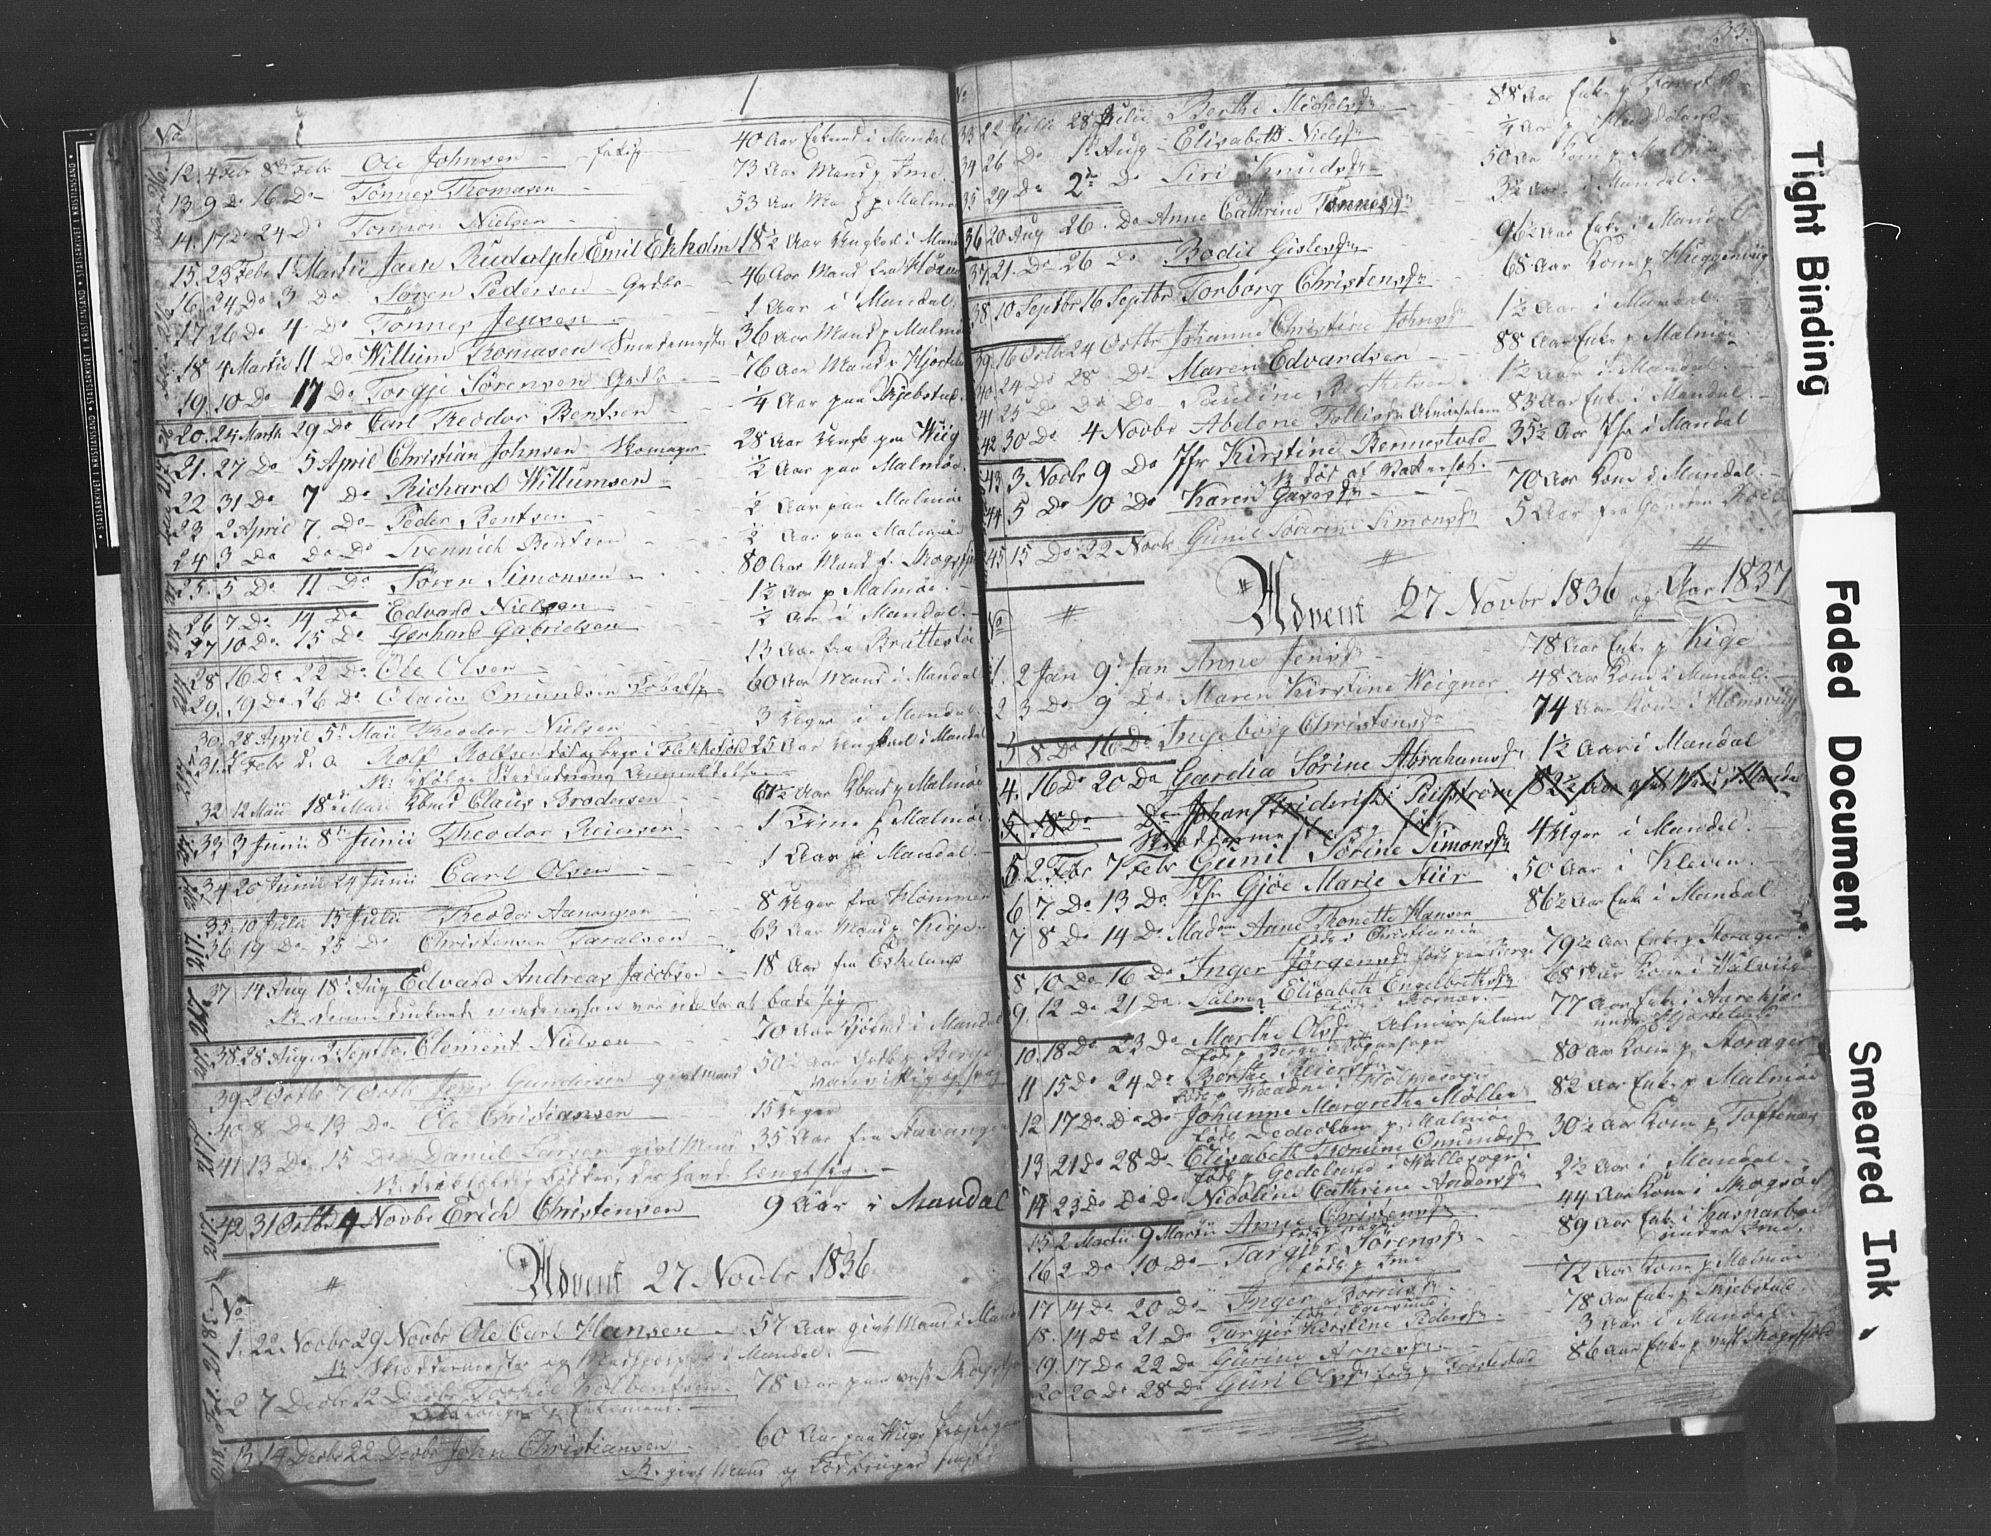 SAK, Mandal sokneprestkontor, F/Fb/Fba/L0003: Klokkerbok nr. B 1C, 1834-1838, s. 33